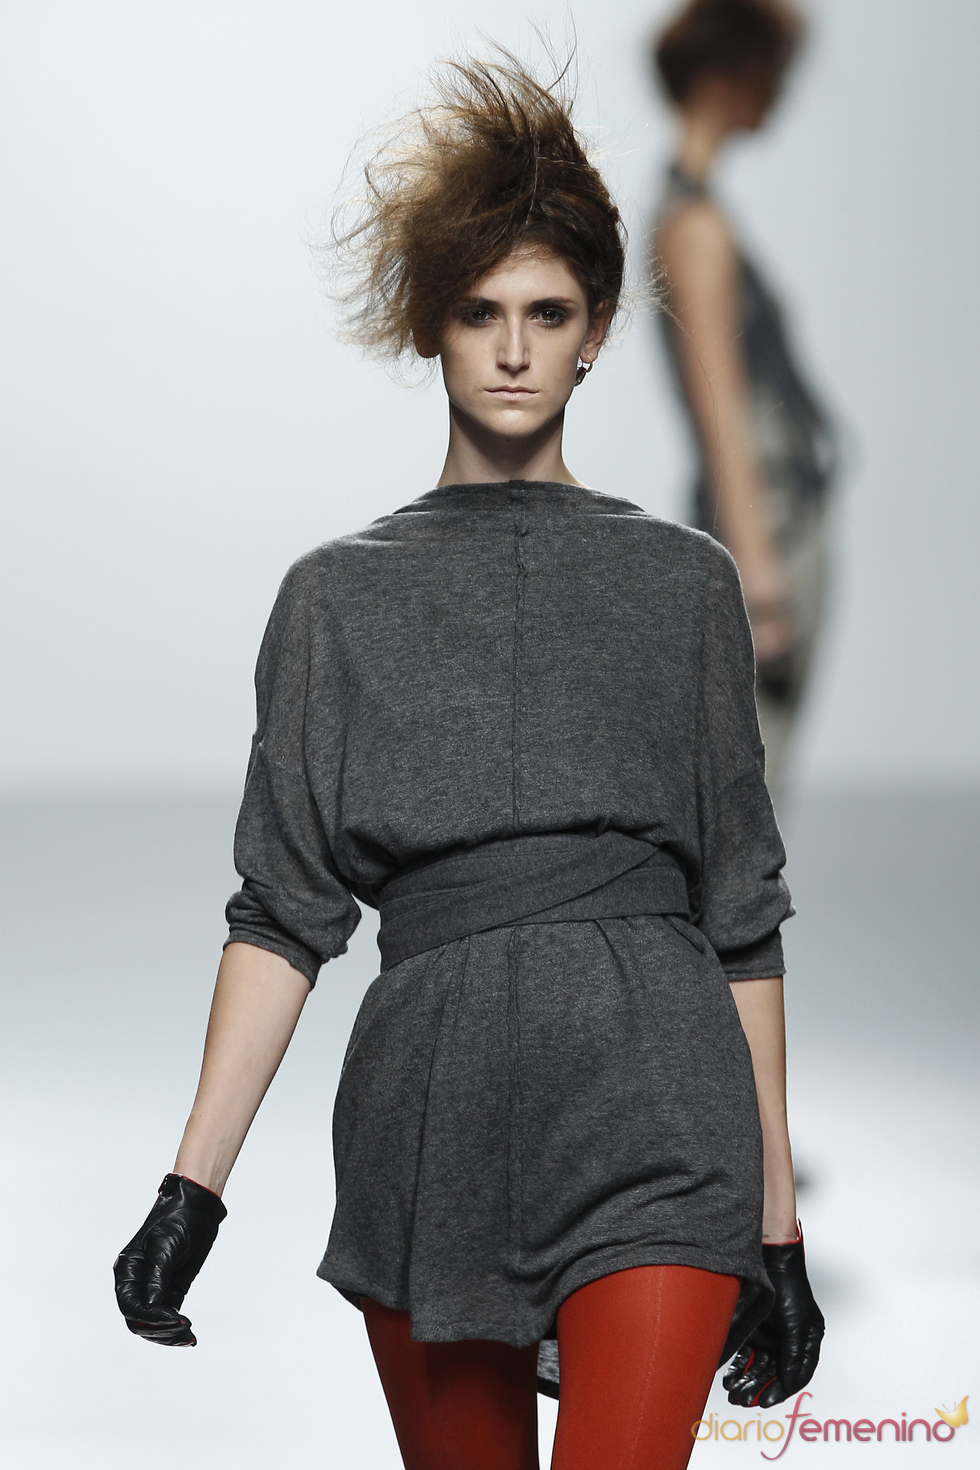 Vestido gris con medias rojas. Sara Coleman. Cibeles Madrid Fashion Week 2011